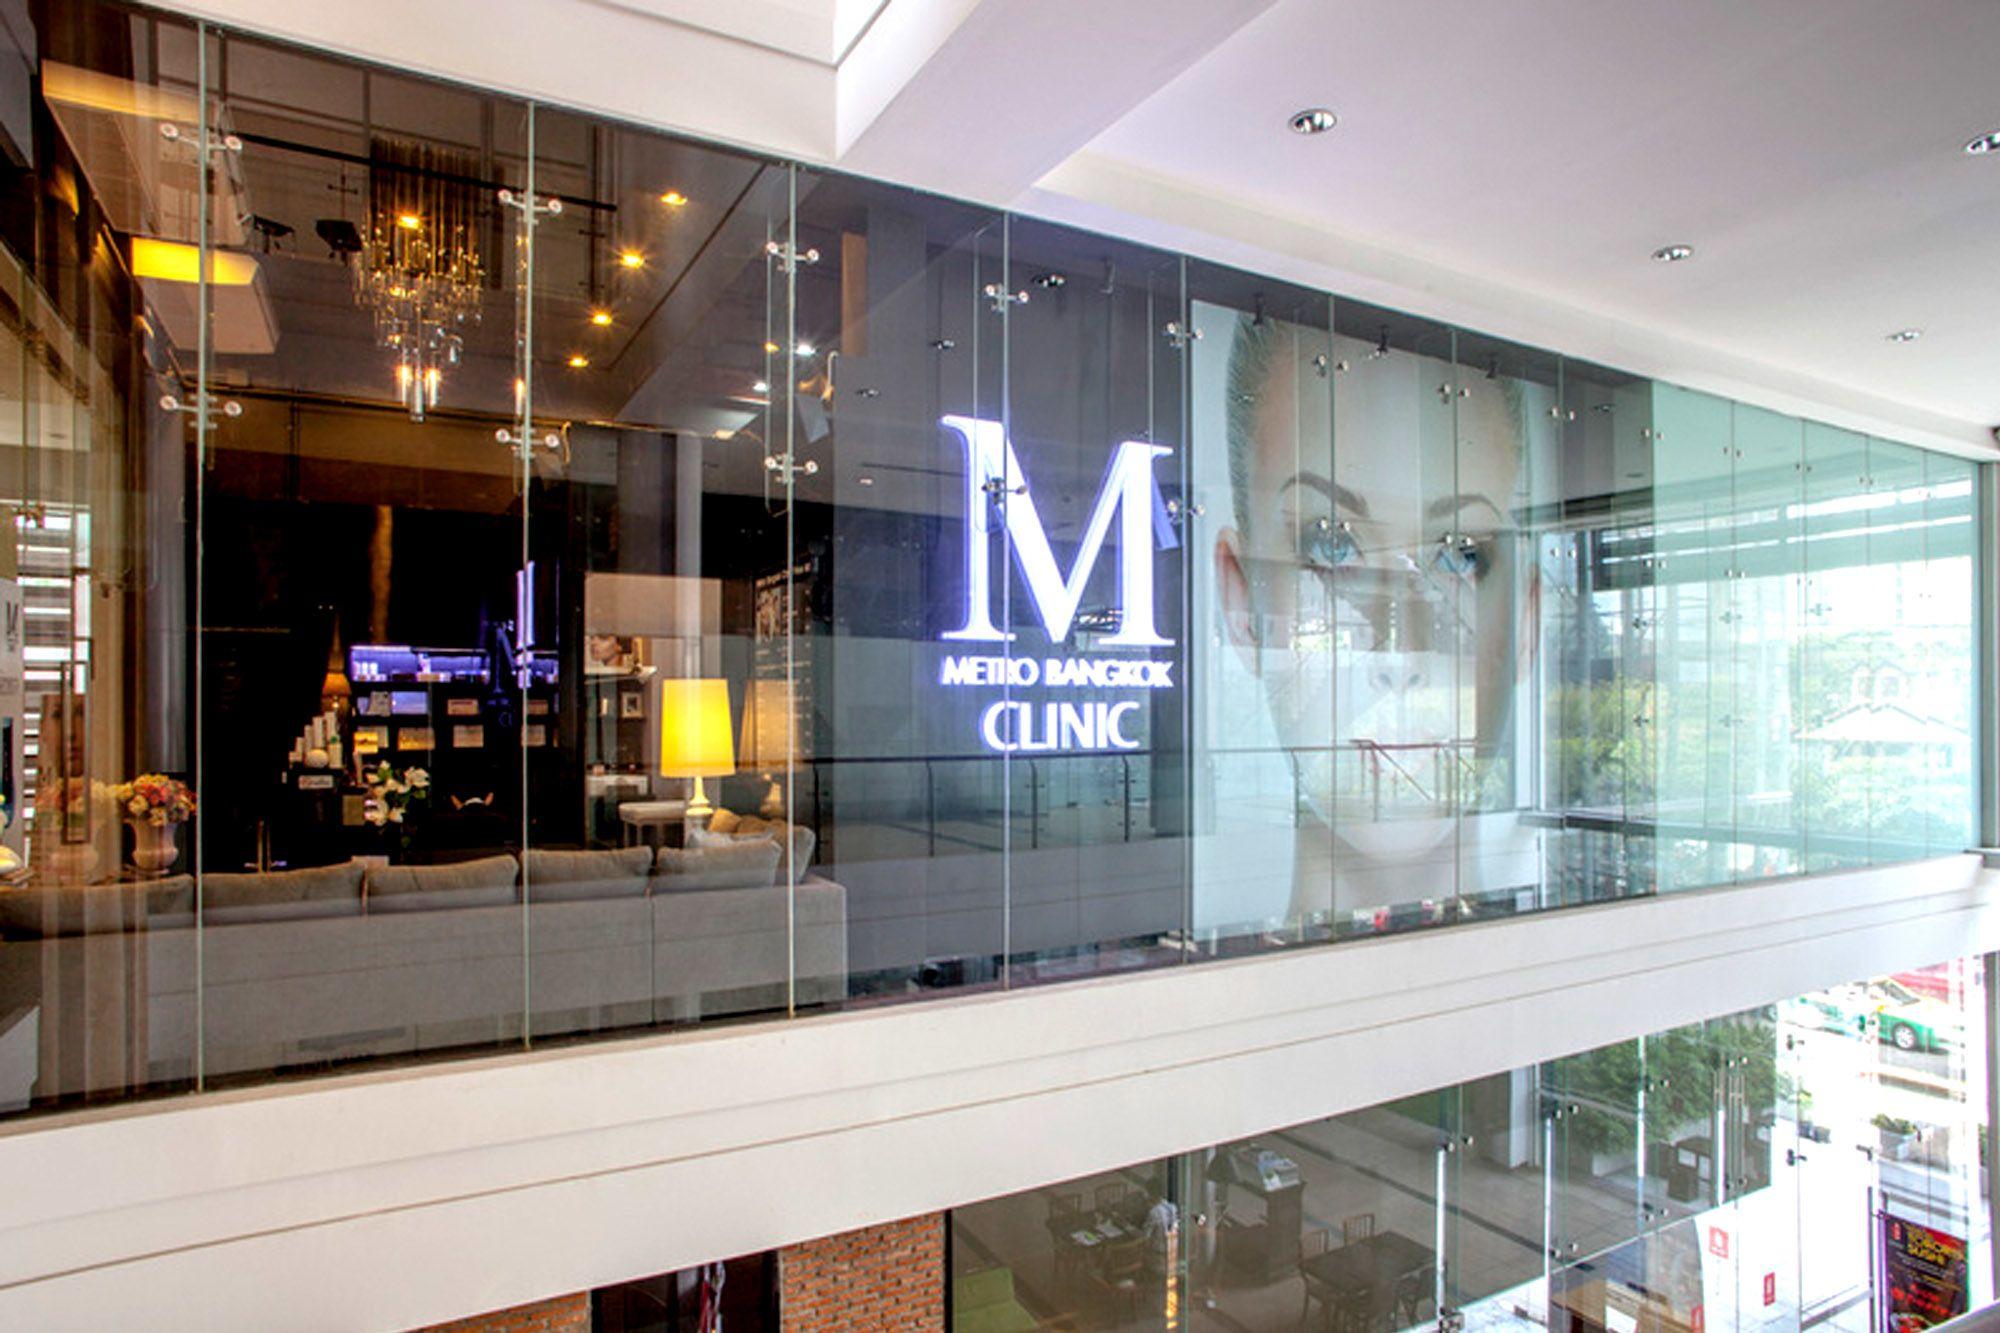 曼谷 Metro Bangkok Clinic 醫美診所 泰國醫美 醫美服務